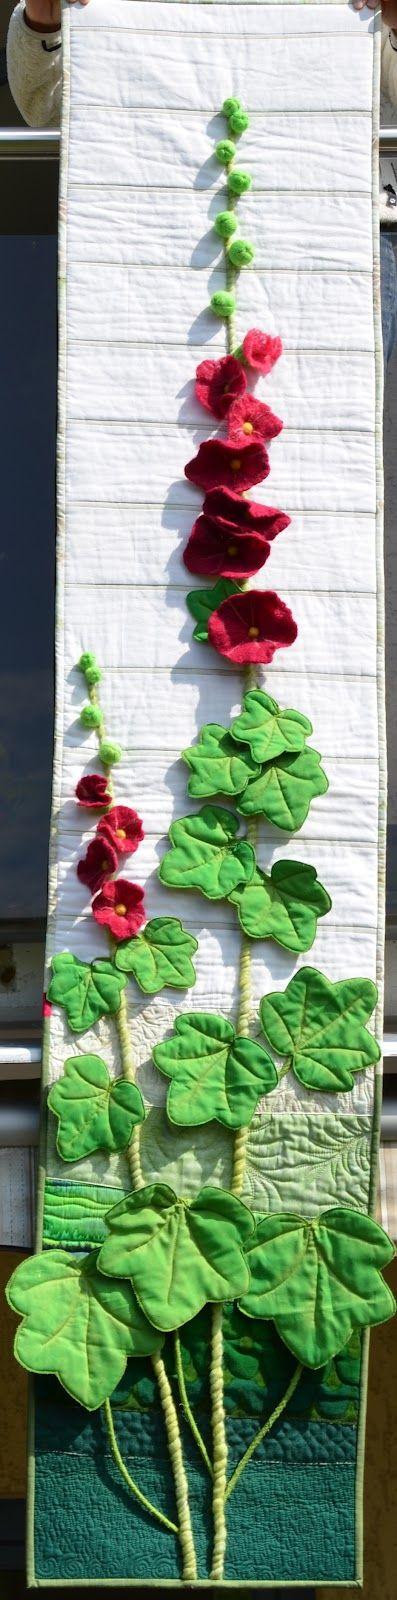 Холли Хок стеганые стене висит.  Felted Цветы, листья аппликация ..: